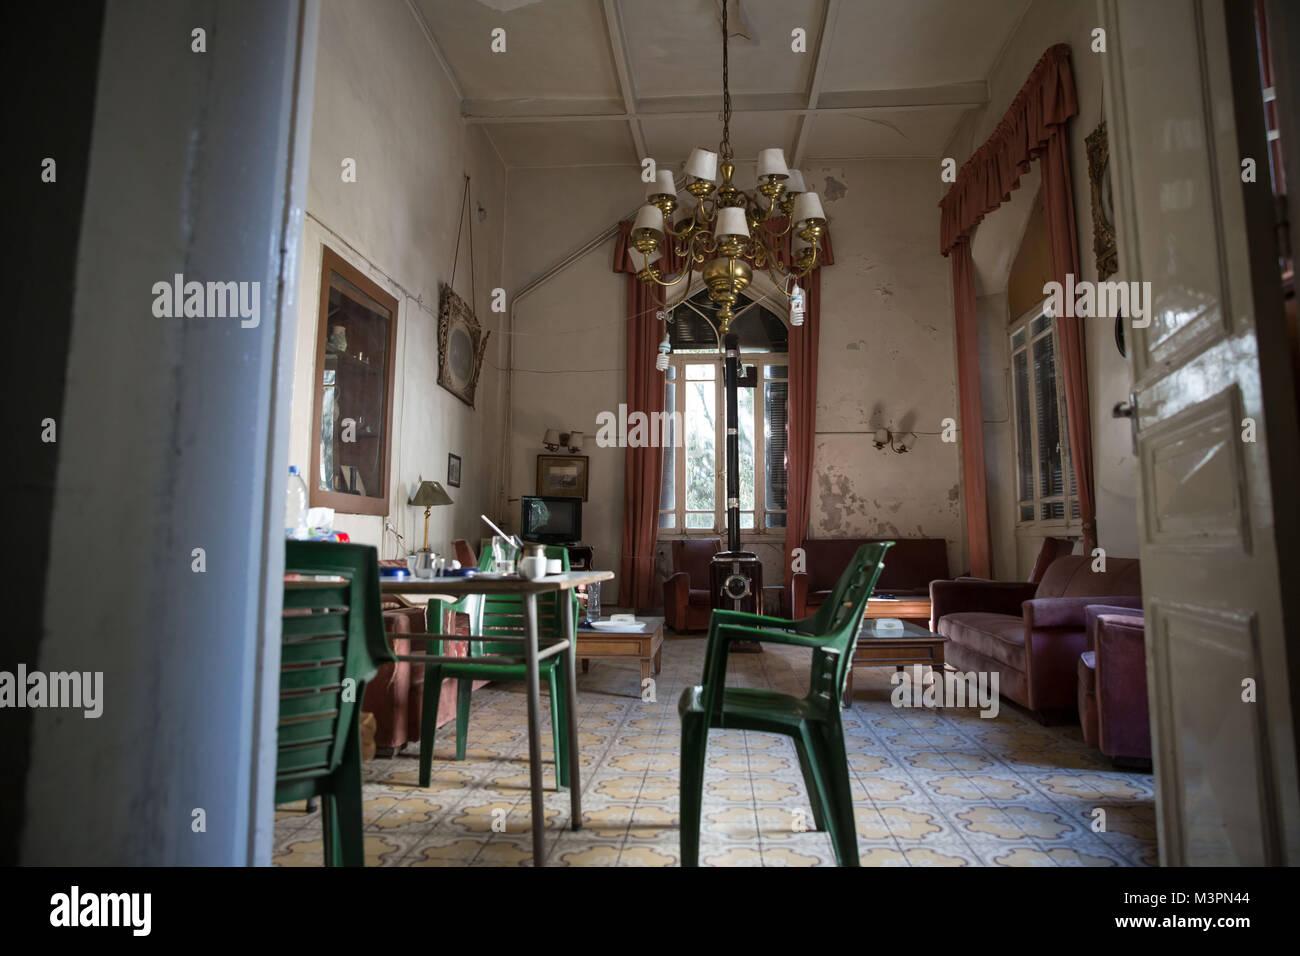 Aleppo, Syria. 2nd Nov, 2017. The lobby of the Baron Hotel in Aleppo. Rubina Tashjian, the widow of the hotel's - Stock Image